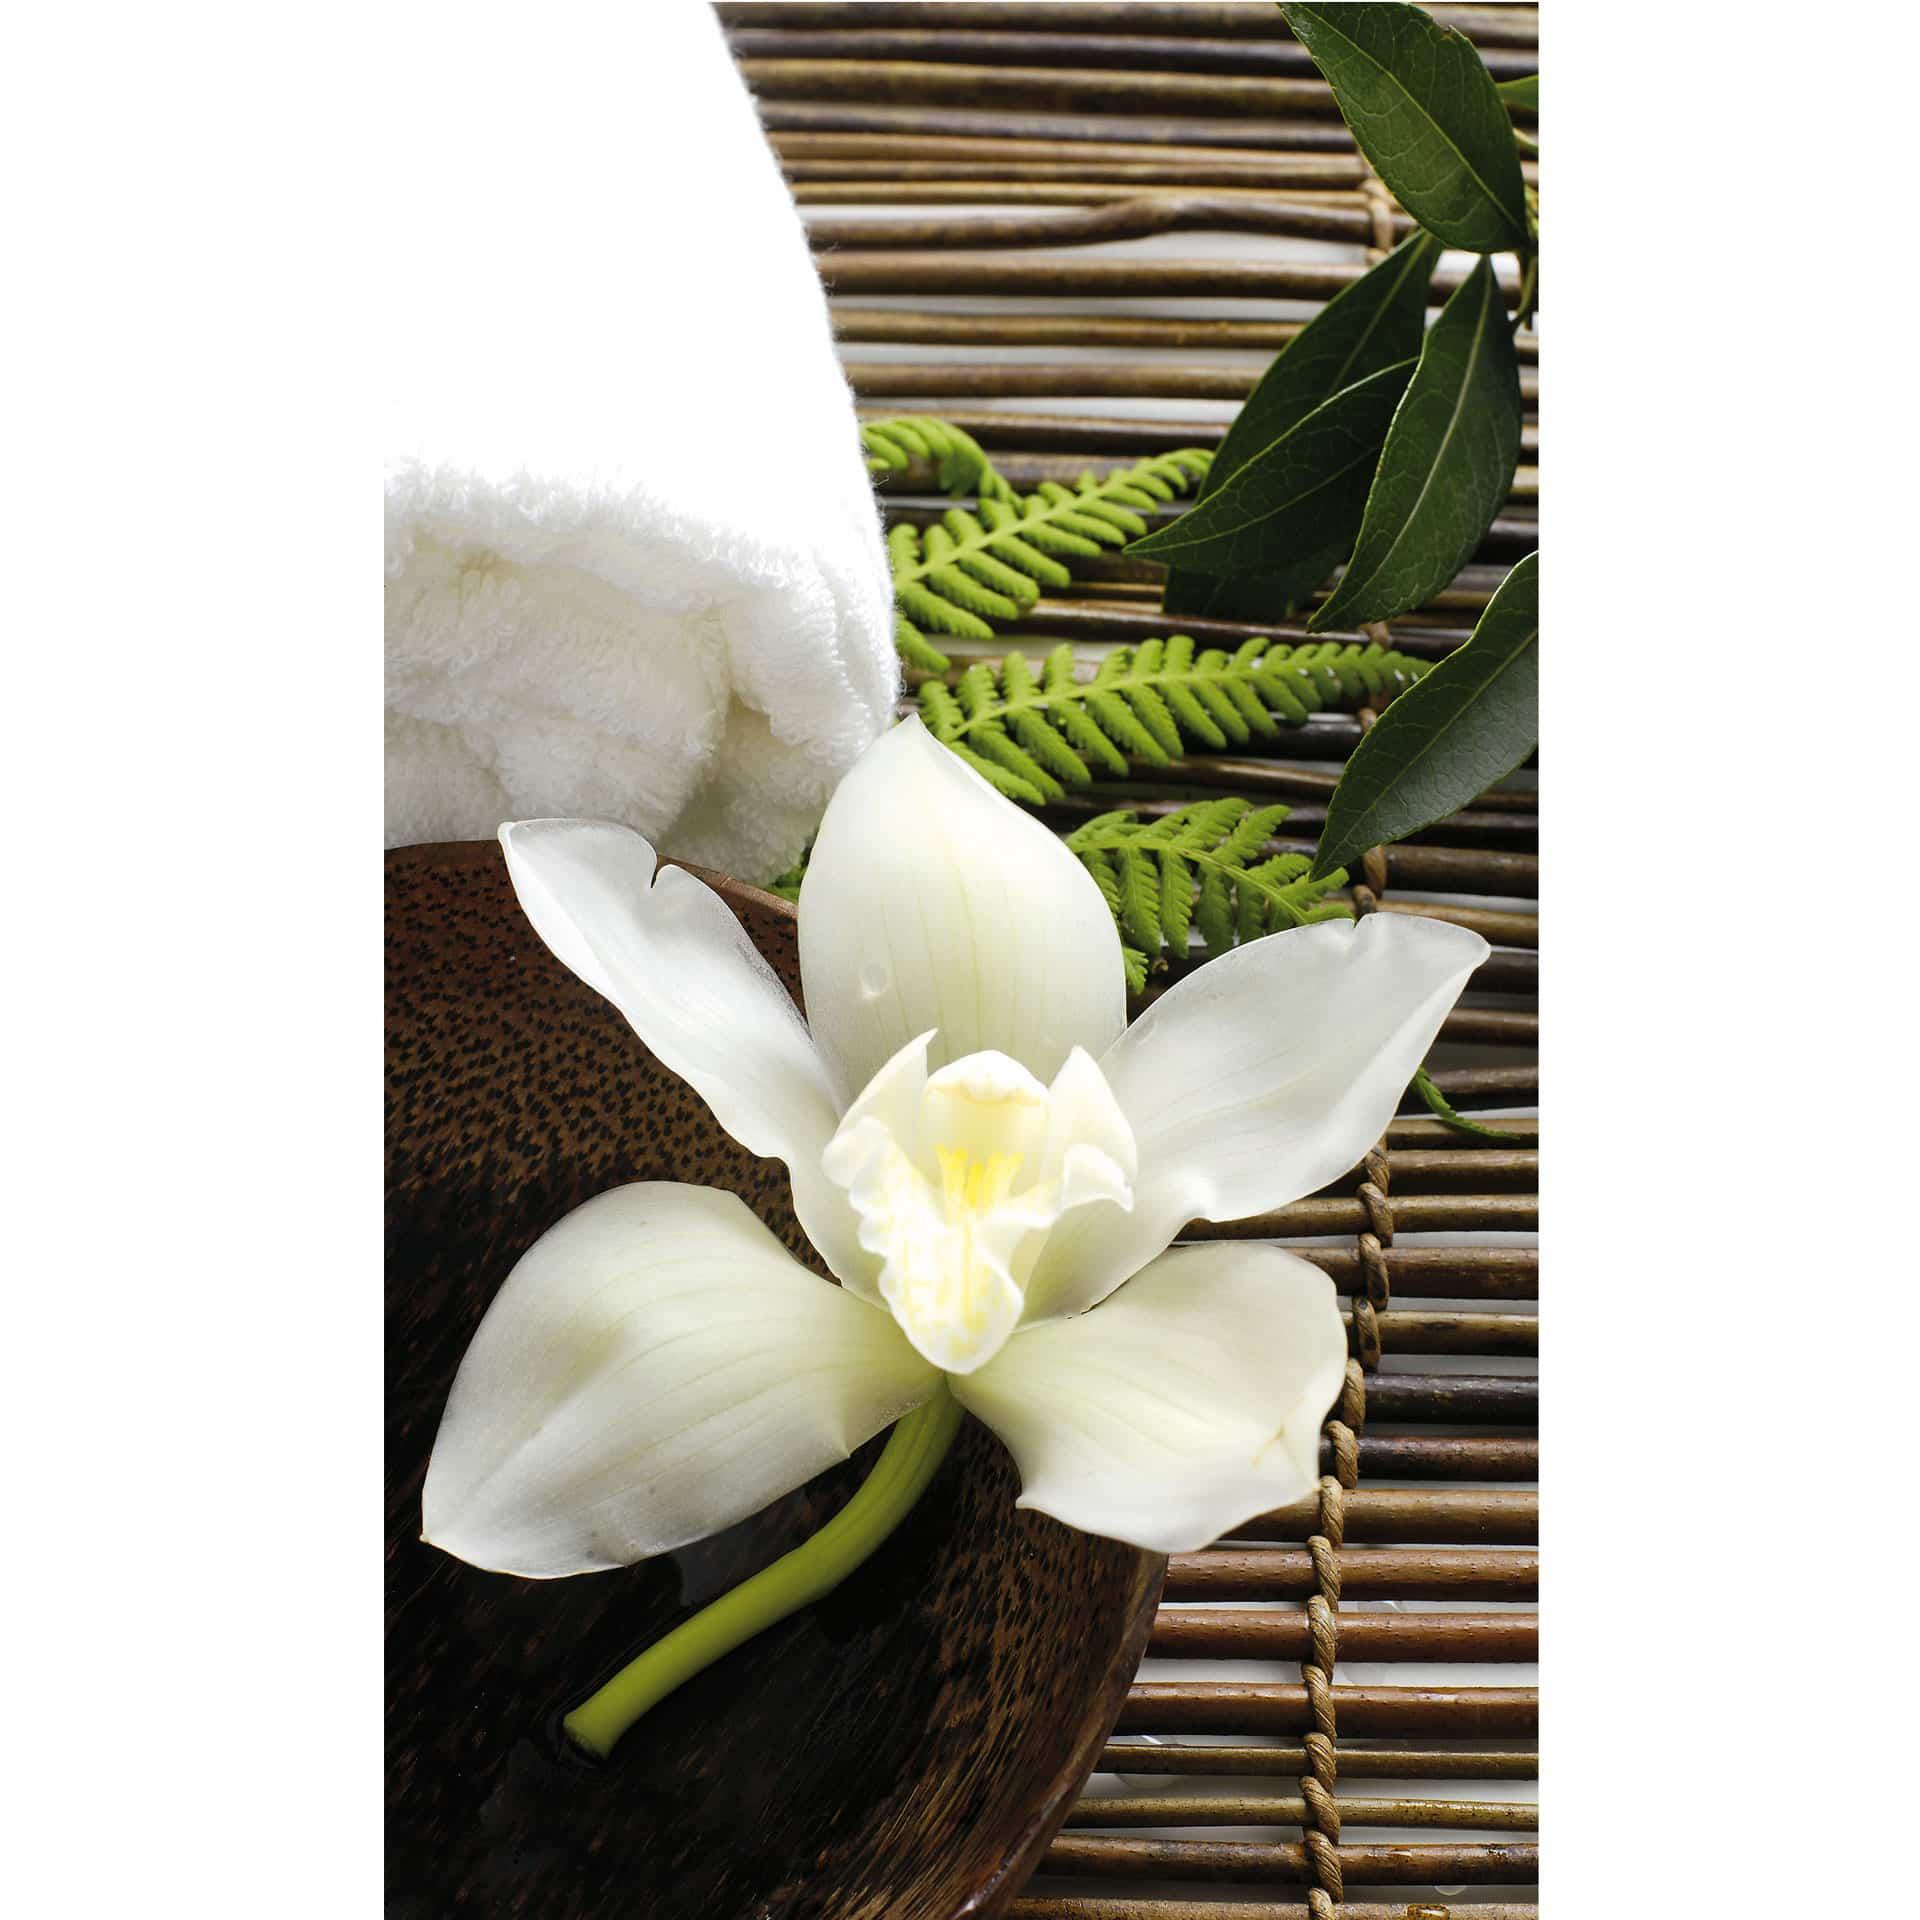 Wallpaper orchidee weiß  Fototapete Wellness Orchidee - Wanddekoration für Ihre Wand   wall ...